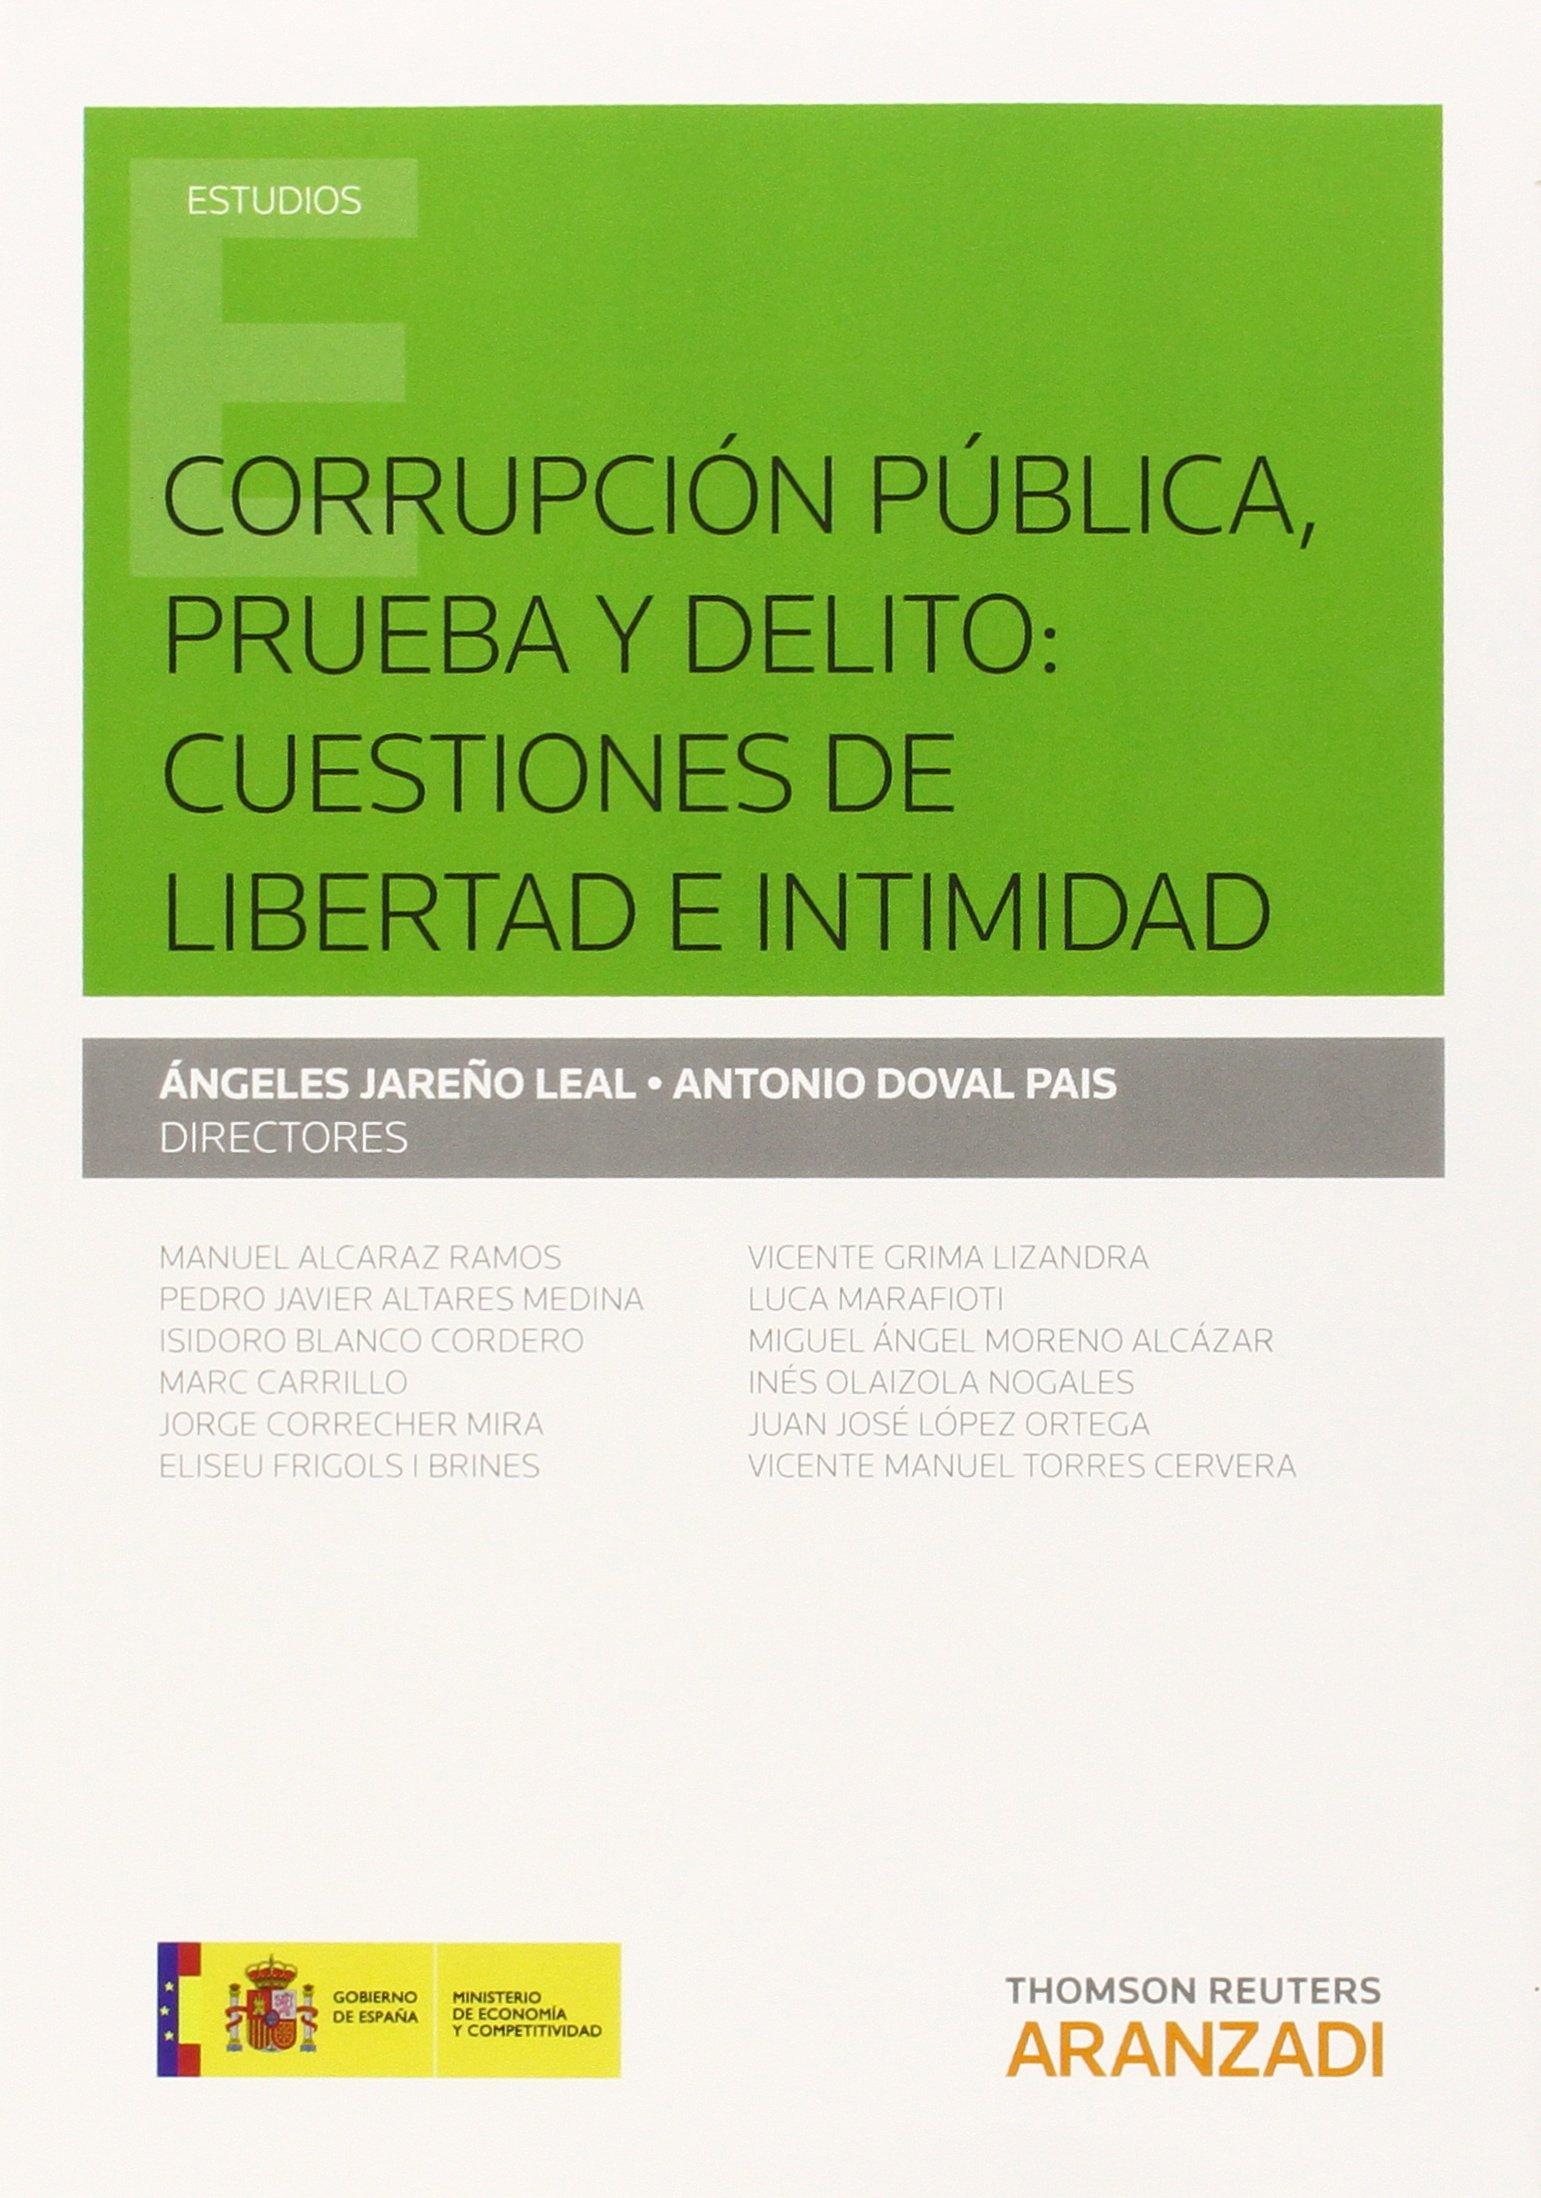 Corrupción Pública, Prueba Y Delito: Cuestiones De Libertad E Intimidad Monografía: Amazon.es: Jareño Leal, Angeles: Libros